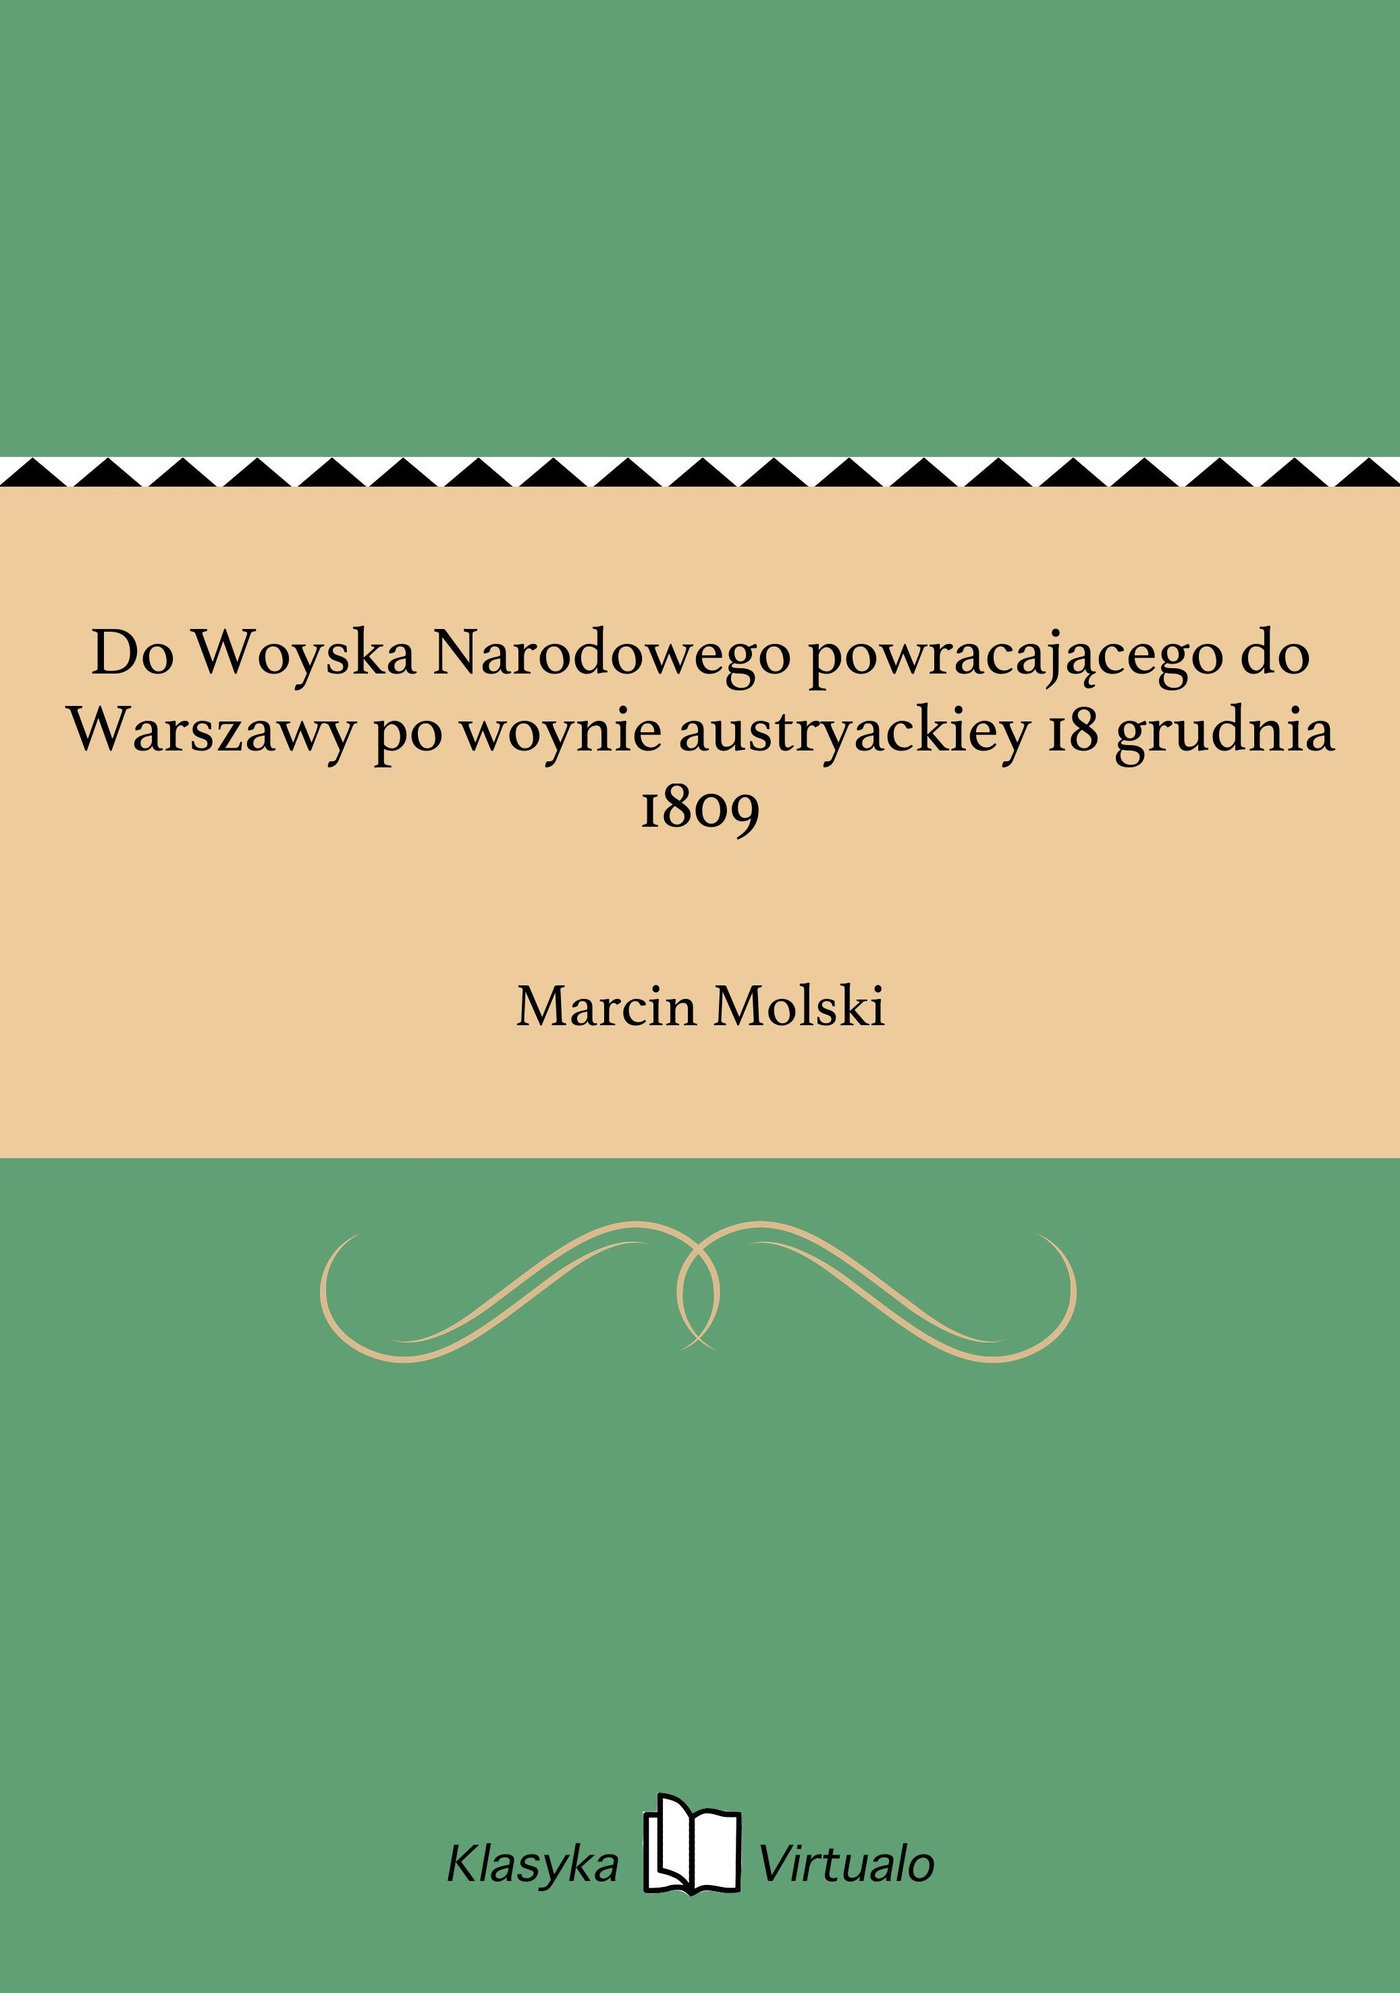 Do Woyska Narodowego powracającego do Warszawy po woynie austryackiey 18 grudnia 1809 - Ebook (Książka EPUB) do pobrania w formacie EPUB